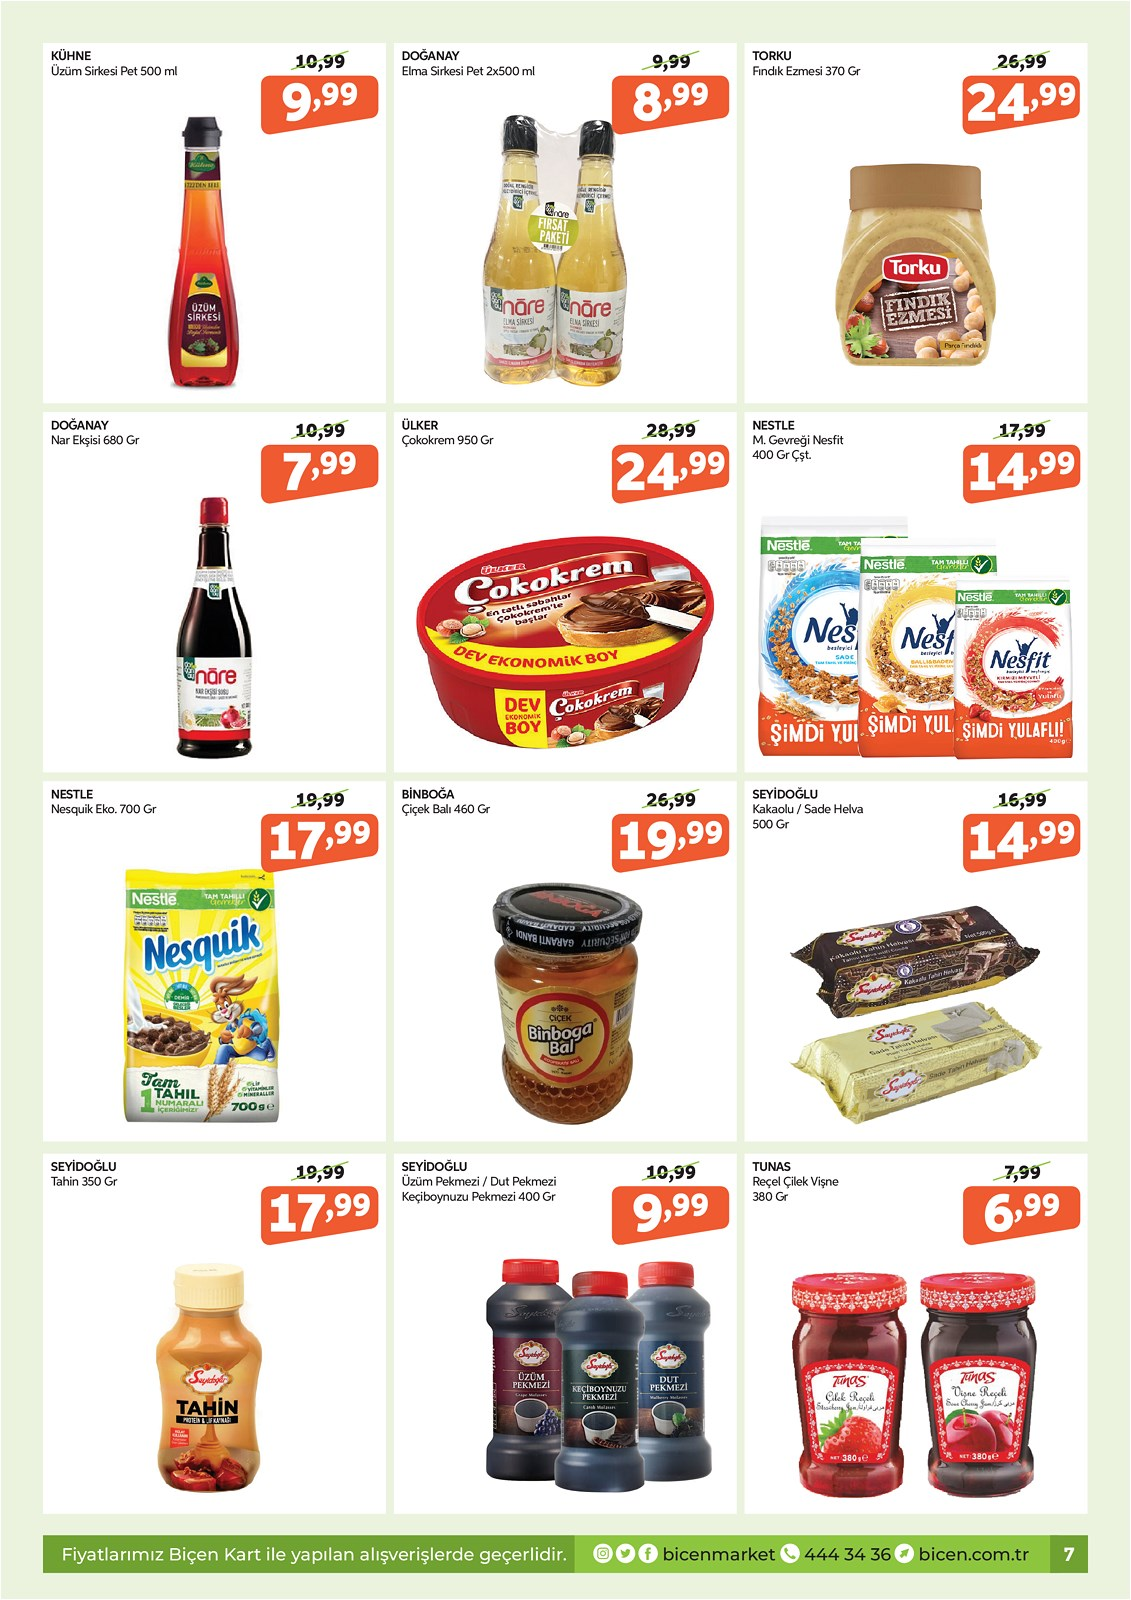 07.10.2021 Biçen Market broşürü 7. sayfa